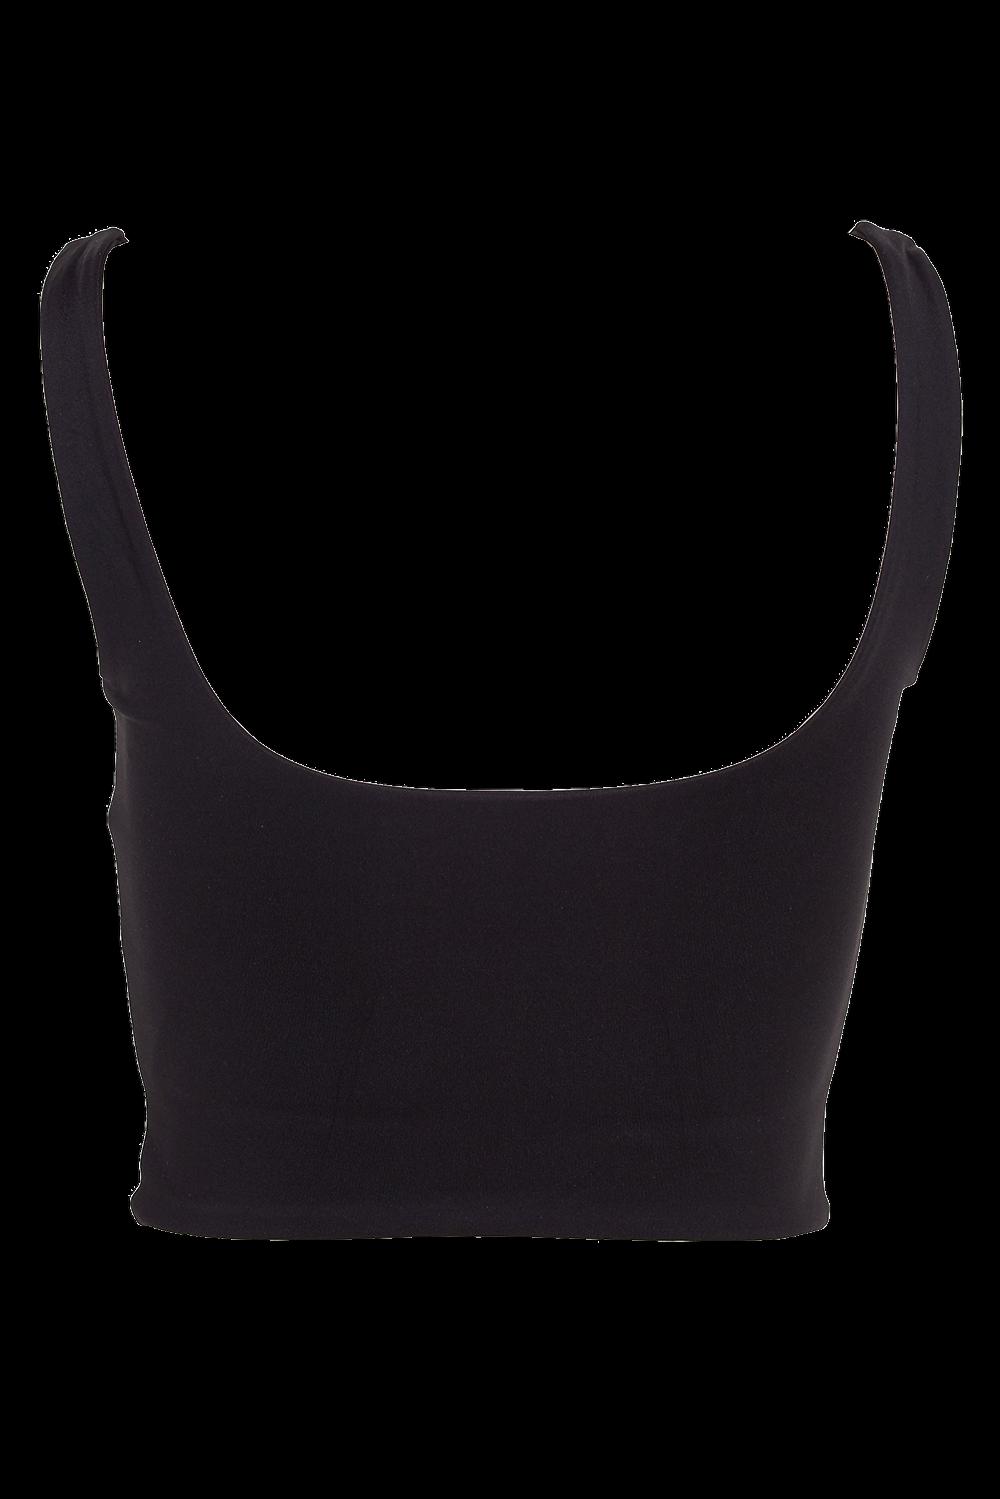 KAROLINA TOP in colour CAVIAR